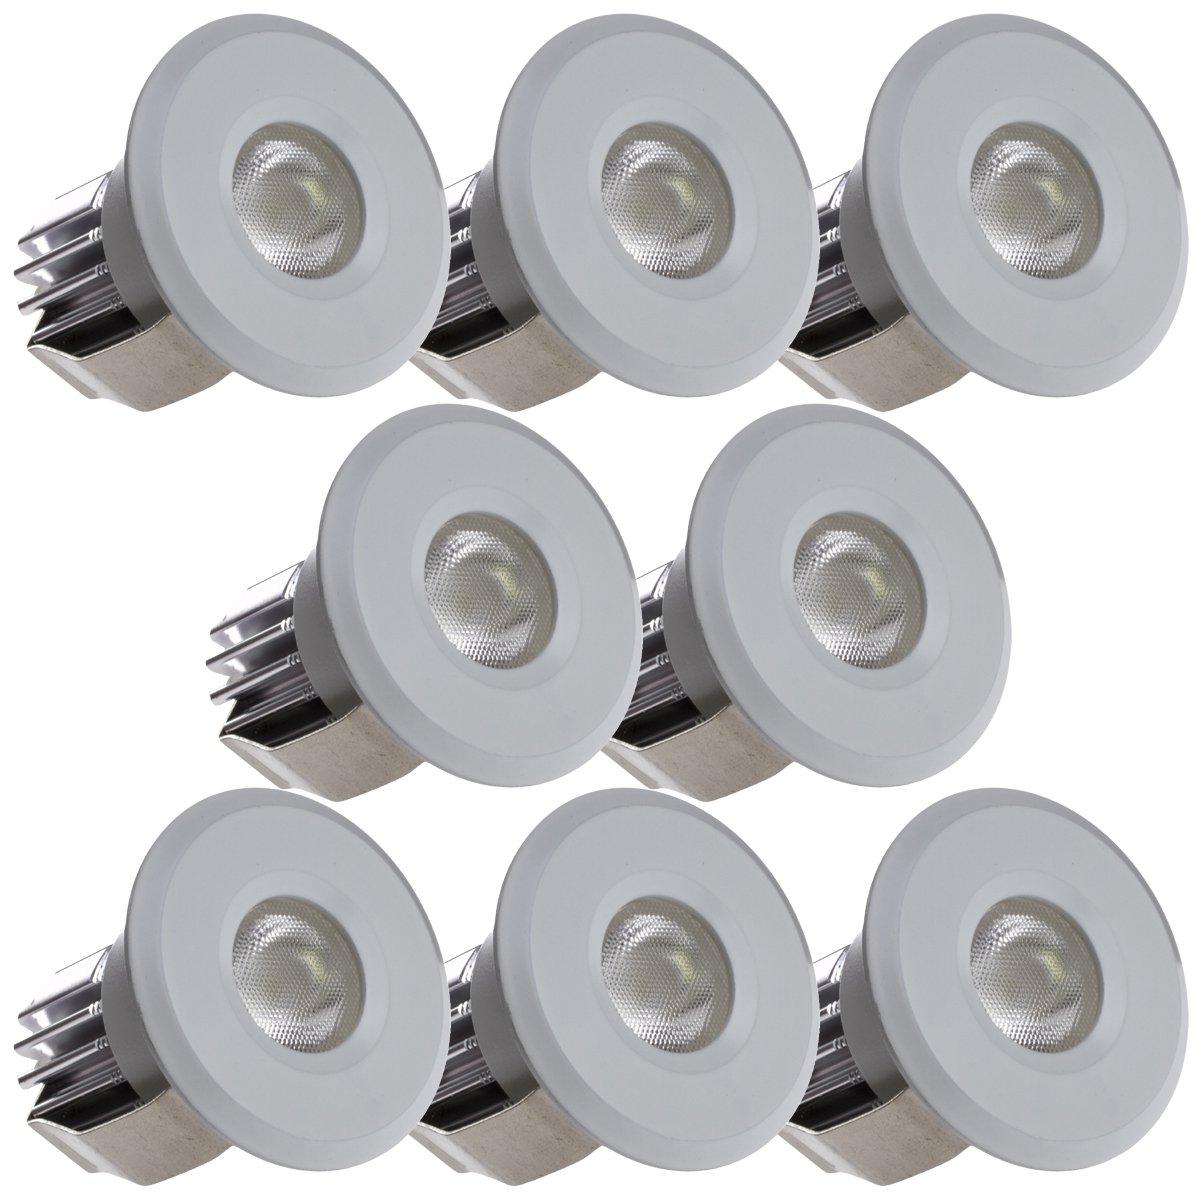 Sensati Kleine Miniatur LED Einbauleuchte Downlight Spot Set zu 4 Stück, dimmbar, 600 lm, inklusive Treiber, Gehäusefarbe weiß, kaltweiß T102 8 CW W